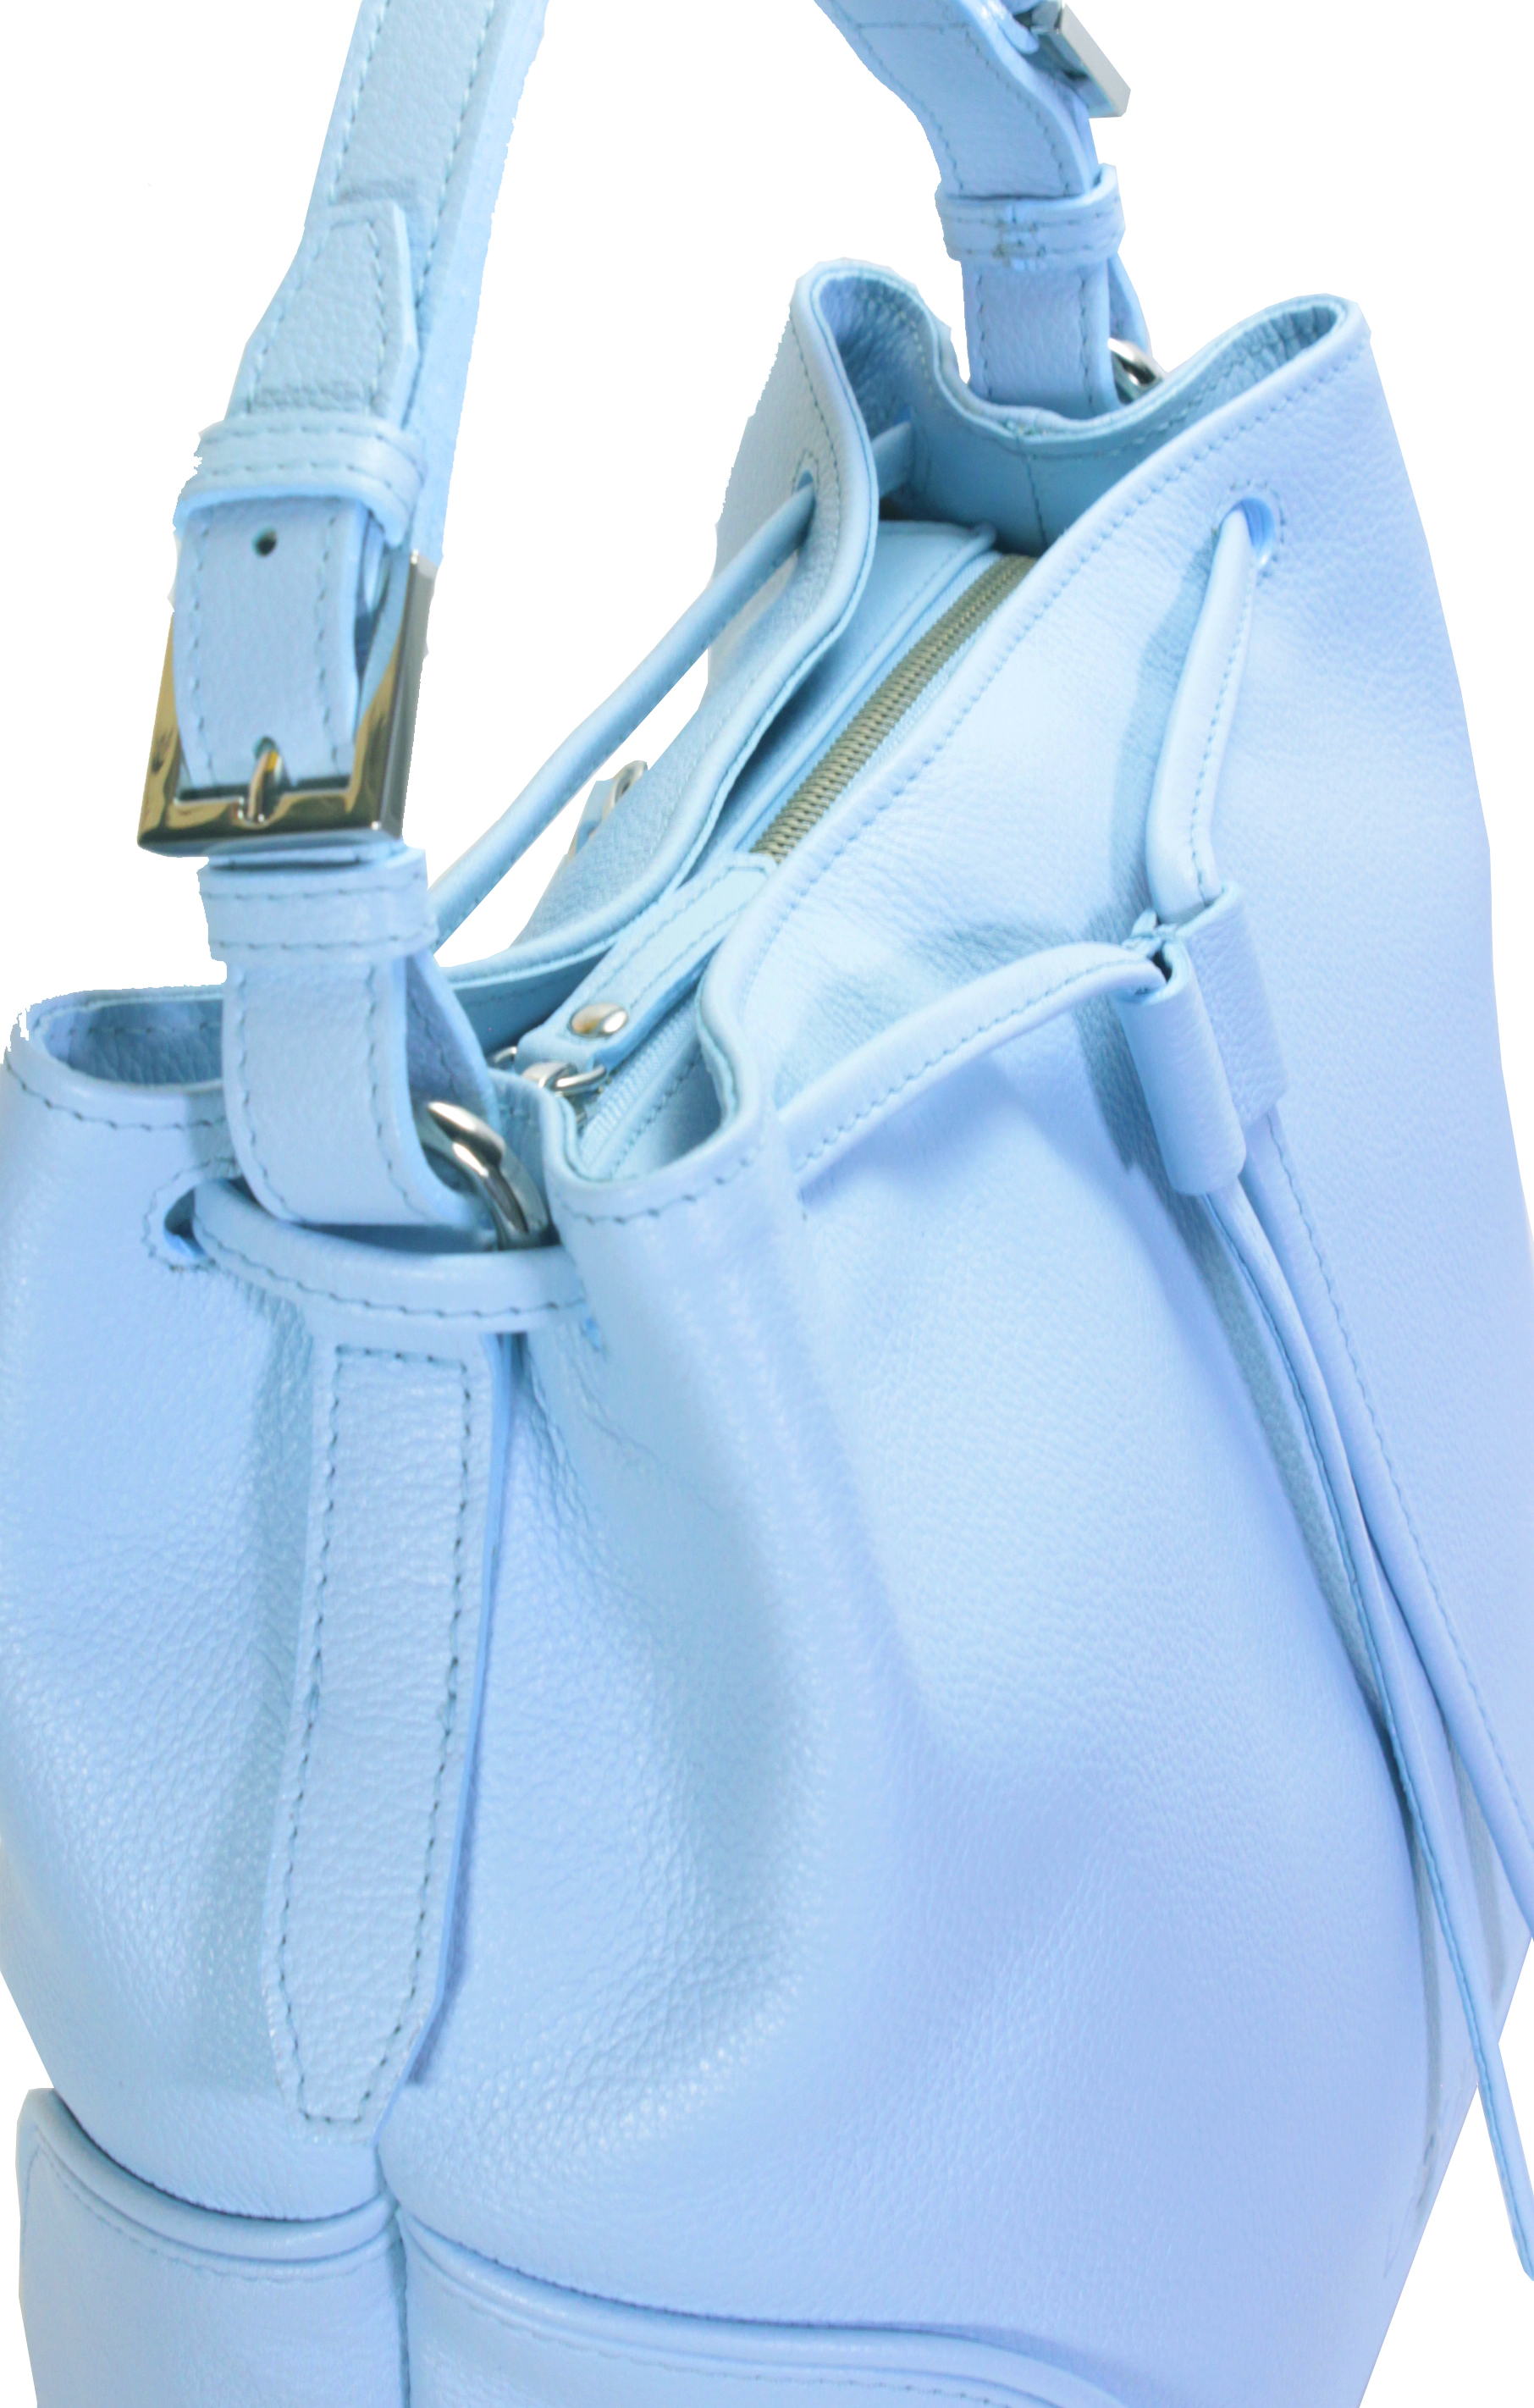 Blankytně modrá kožená kabelka 11-DS263-sky-blue - detail